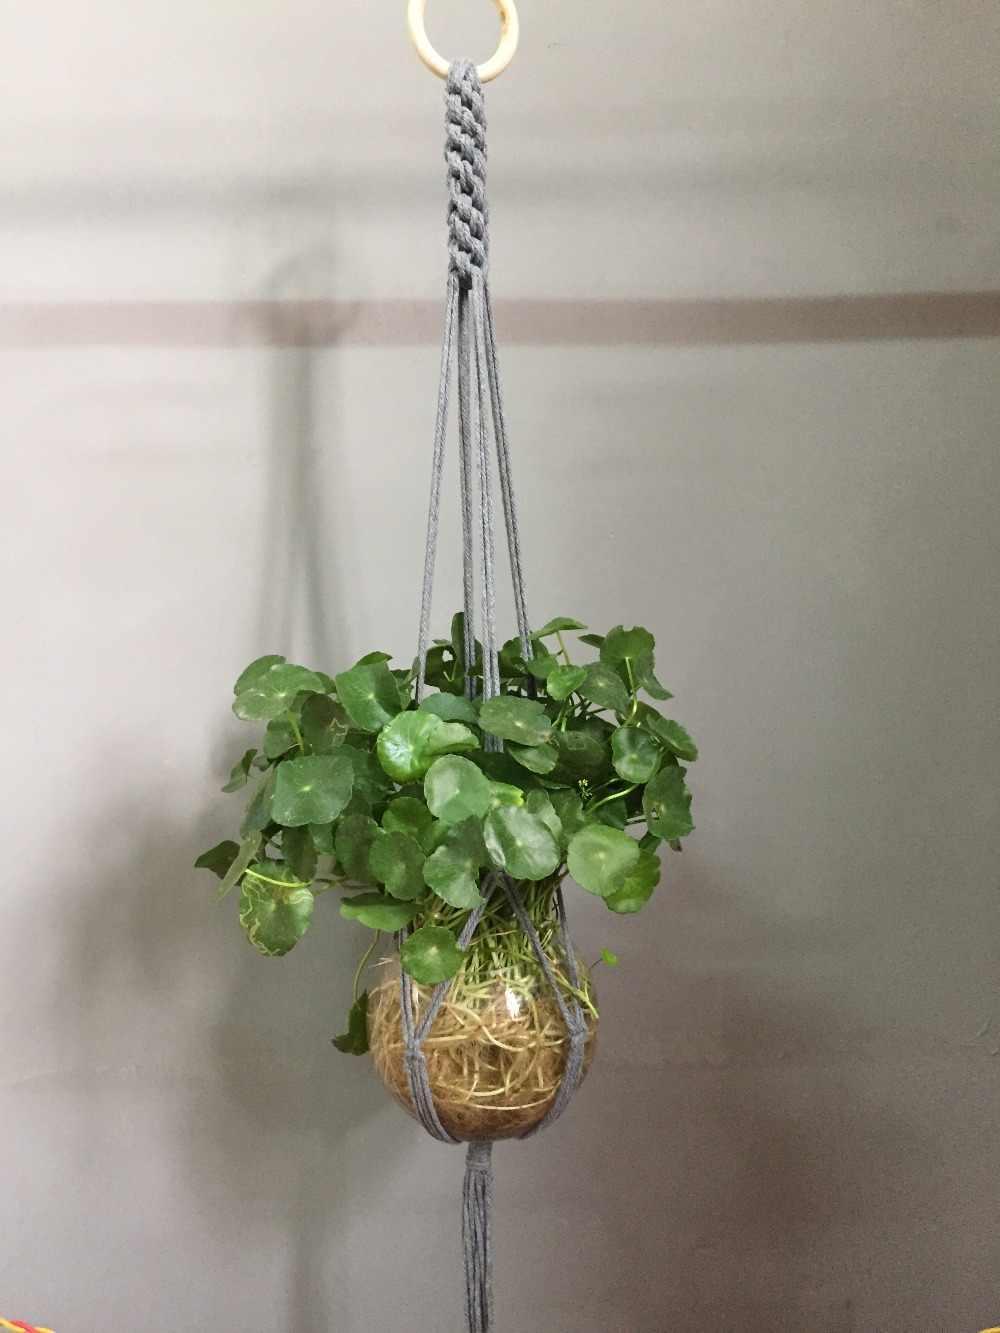 New arrival hanmade kolorowe makrama wieszak na rośliny wisząca doniczka beżowy zielony czerwony khaki ciemny